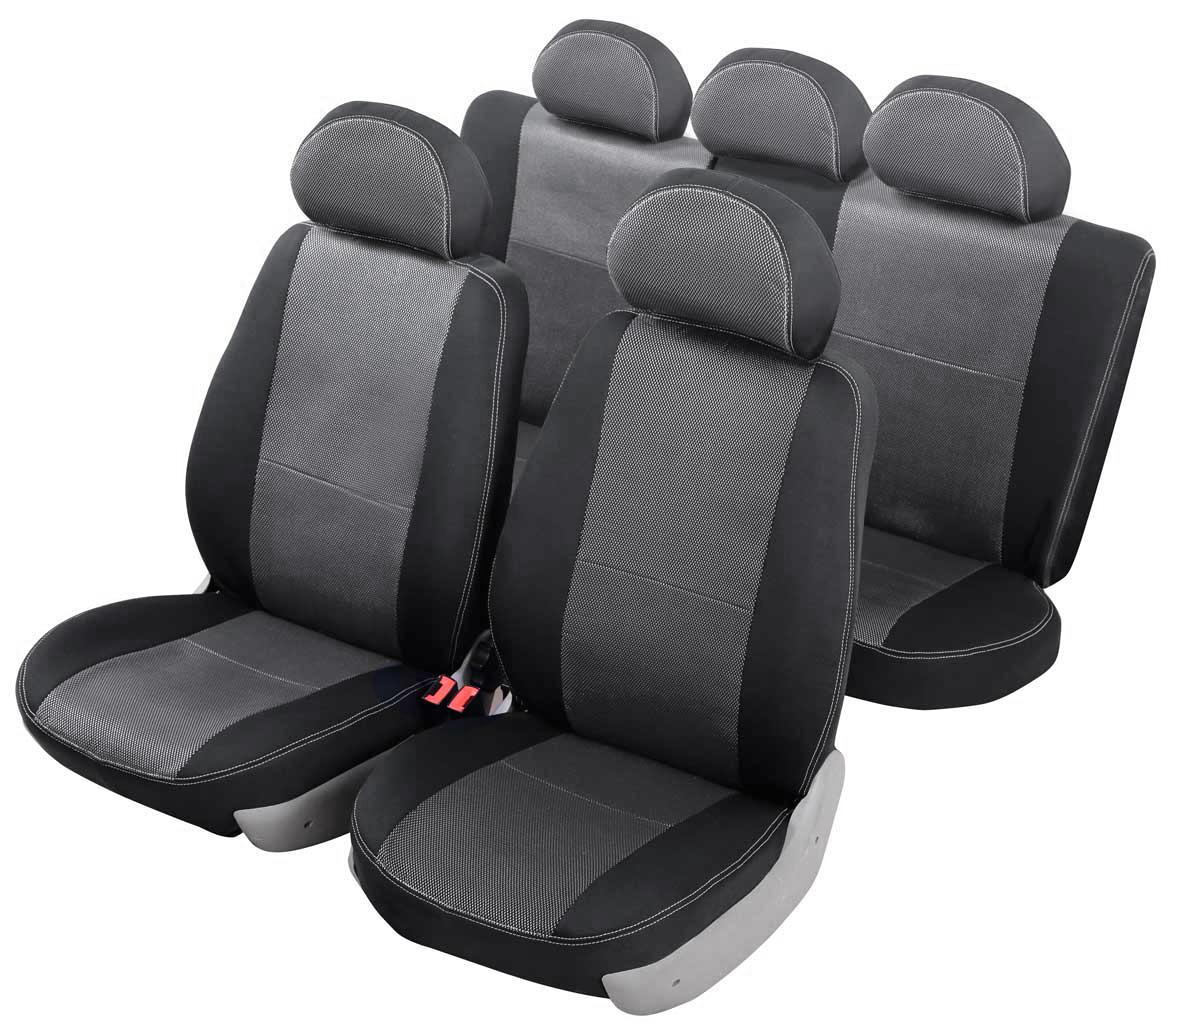 Чехол на автомобильное кресло Senator Dakkar CHEVROLET CRUZE 2008-н.в. седан, цвет: черныйS3010041Разработаны в РФ индивидуально для каждой модели автомобиля. Чехлы Senator Dakkar серийно выпускаются на собственном швейном производстве в России. Чехлы идеально повторяют штатную форму сидений и выглядят как оригинальная обивка сидений. Для простоты установки используется липучка Velcro, учтены все технологические отверстия. Чехлы сохраняют полную функциональность салона – трасформация сидений, возможность установки детских кресел ISOFIX, не препятствуют работе подушек безопасности AIRBAG и подогрева сидений. Дизайн чехлов Senator Dakkar приближен к оригинальной обивке салона. Чехлы имеют вставки из жаккарда по центру переднего сиденья и на подголовниках. Декоративная контрастная прострочка по периметру авточехлов придает стильный и изысканный внешний вид интерьеру автомобиля. Чехлы Senator Dakkar изготовлены из сверхпрочного жаккарда, триплированного огнеупорным поролоном толщиной 3 мм, за счет чего чехол приобретает дополнительную мягкость. Подложка из спандбонда сохраняет...